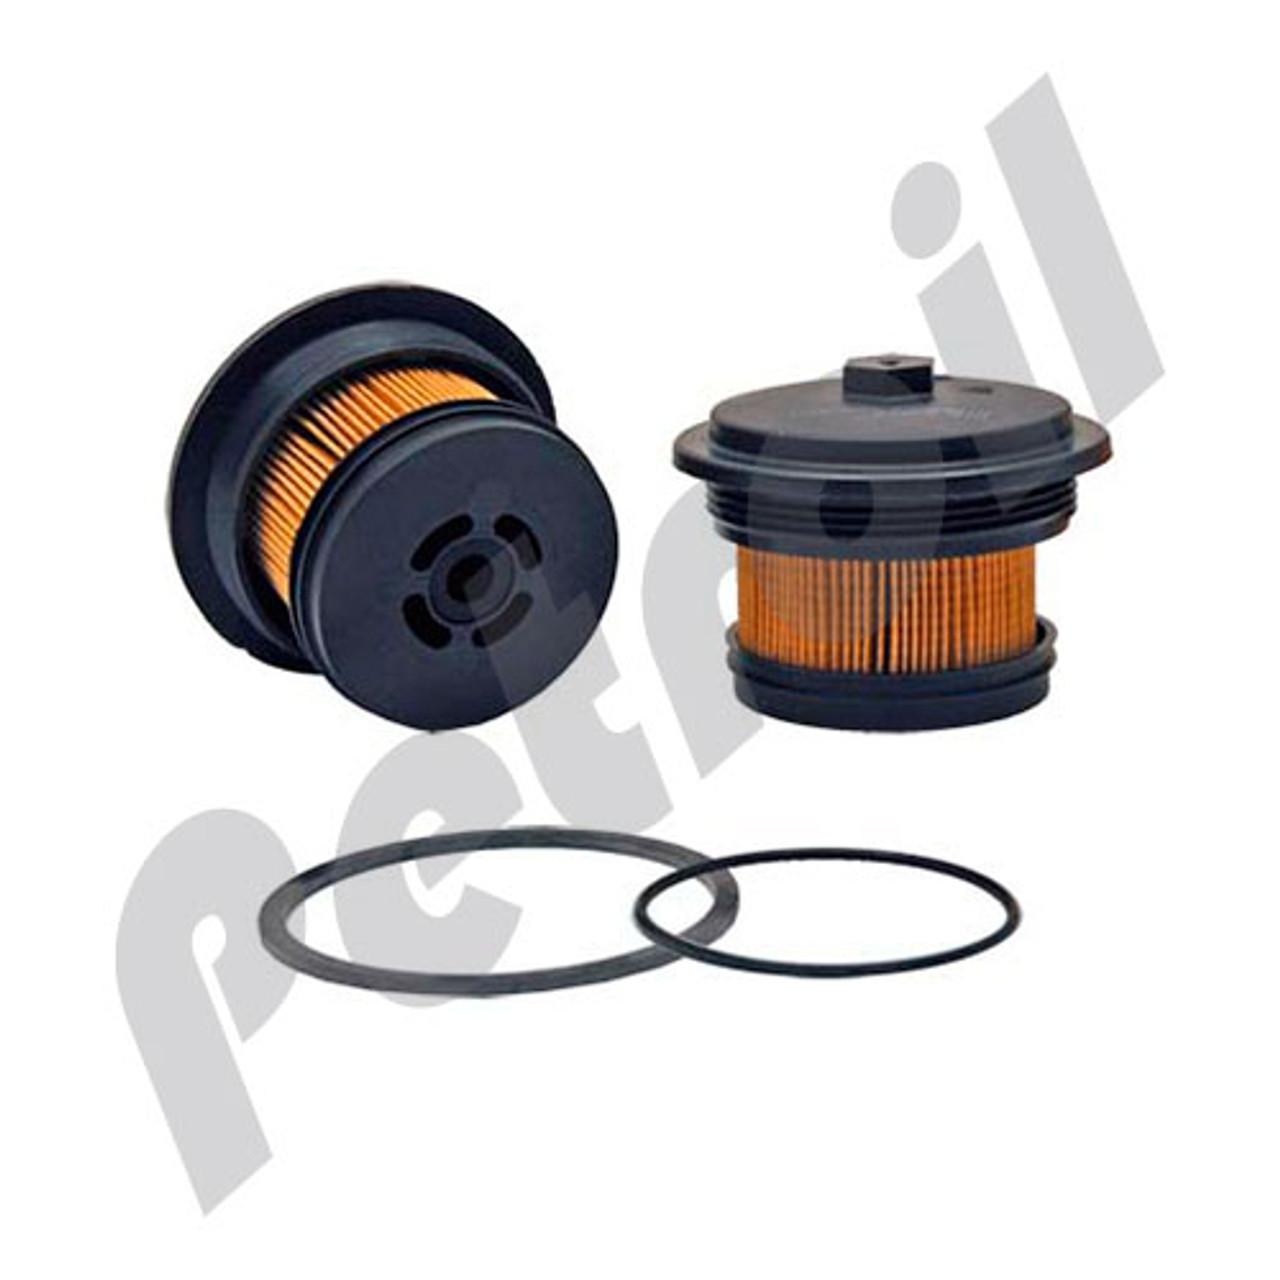 wix fuel filter ford f super duty v8 446 7 3l diesel ford 7 3l Fuel Filter